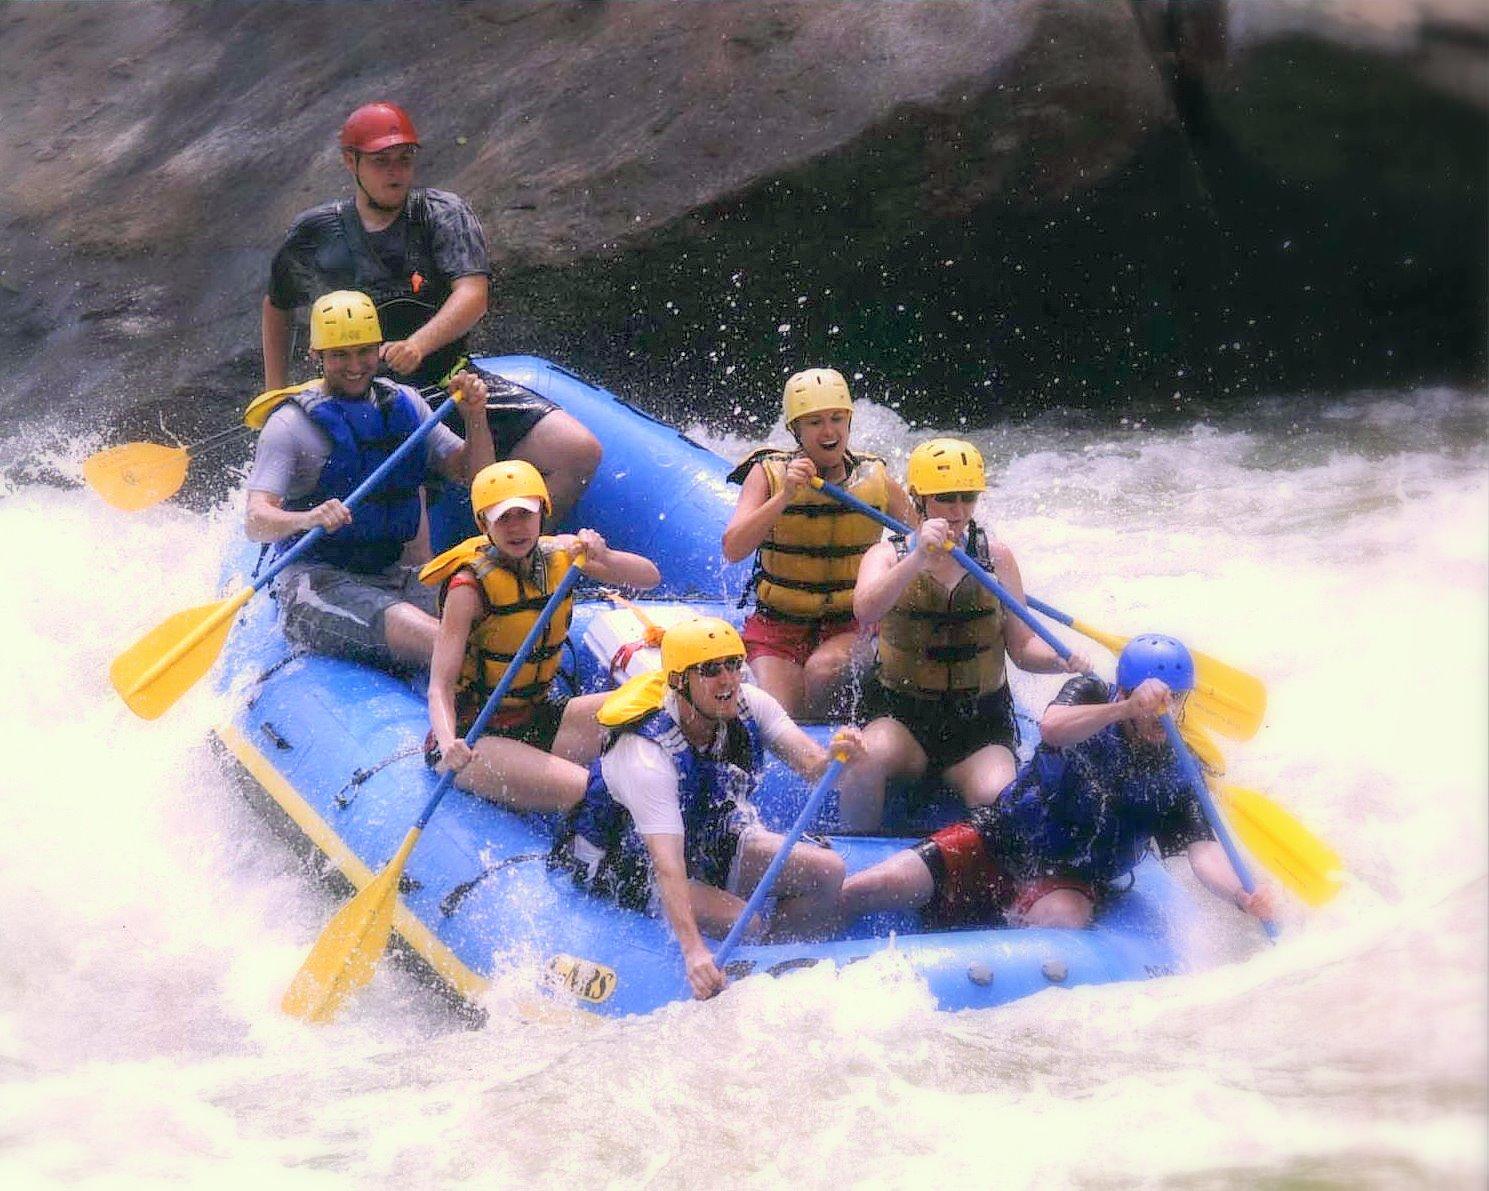 New River - erocka - CC2.0